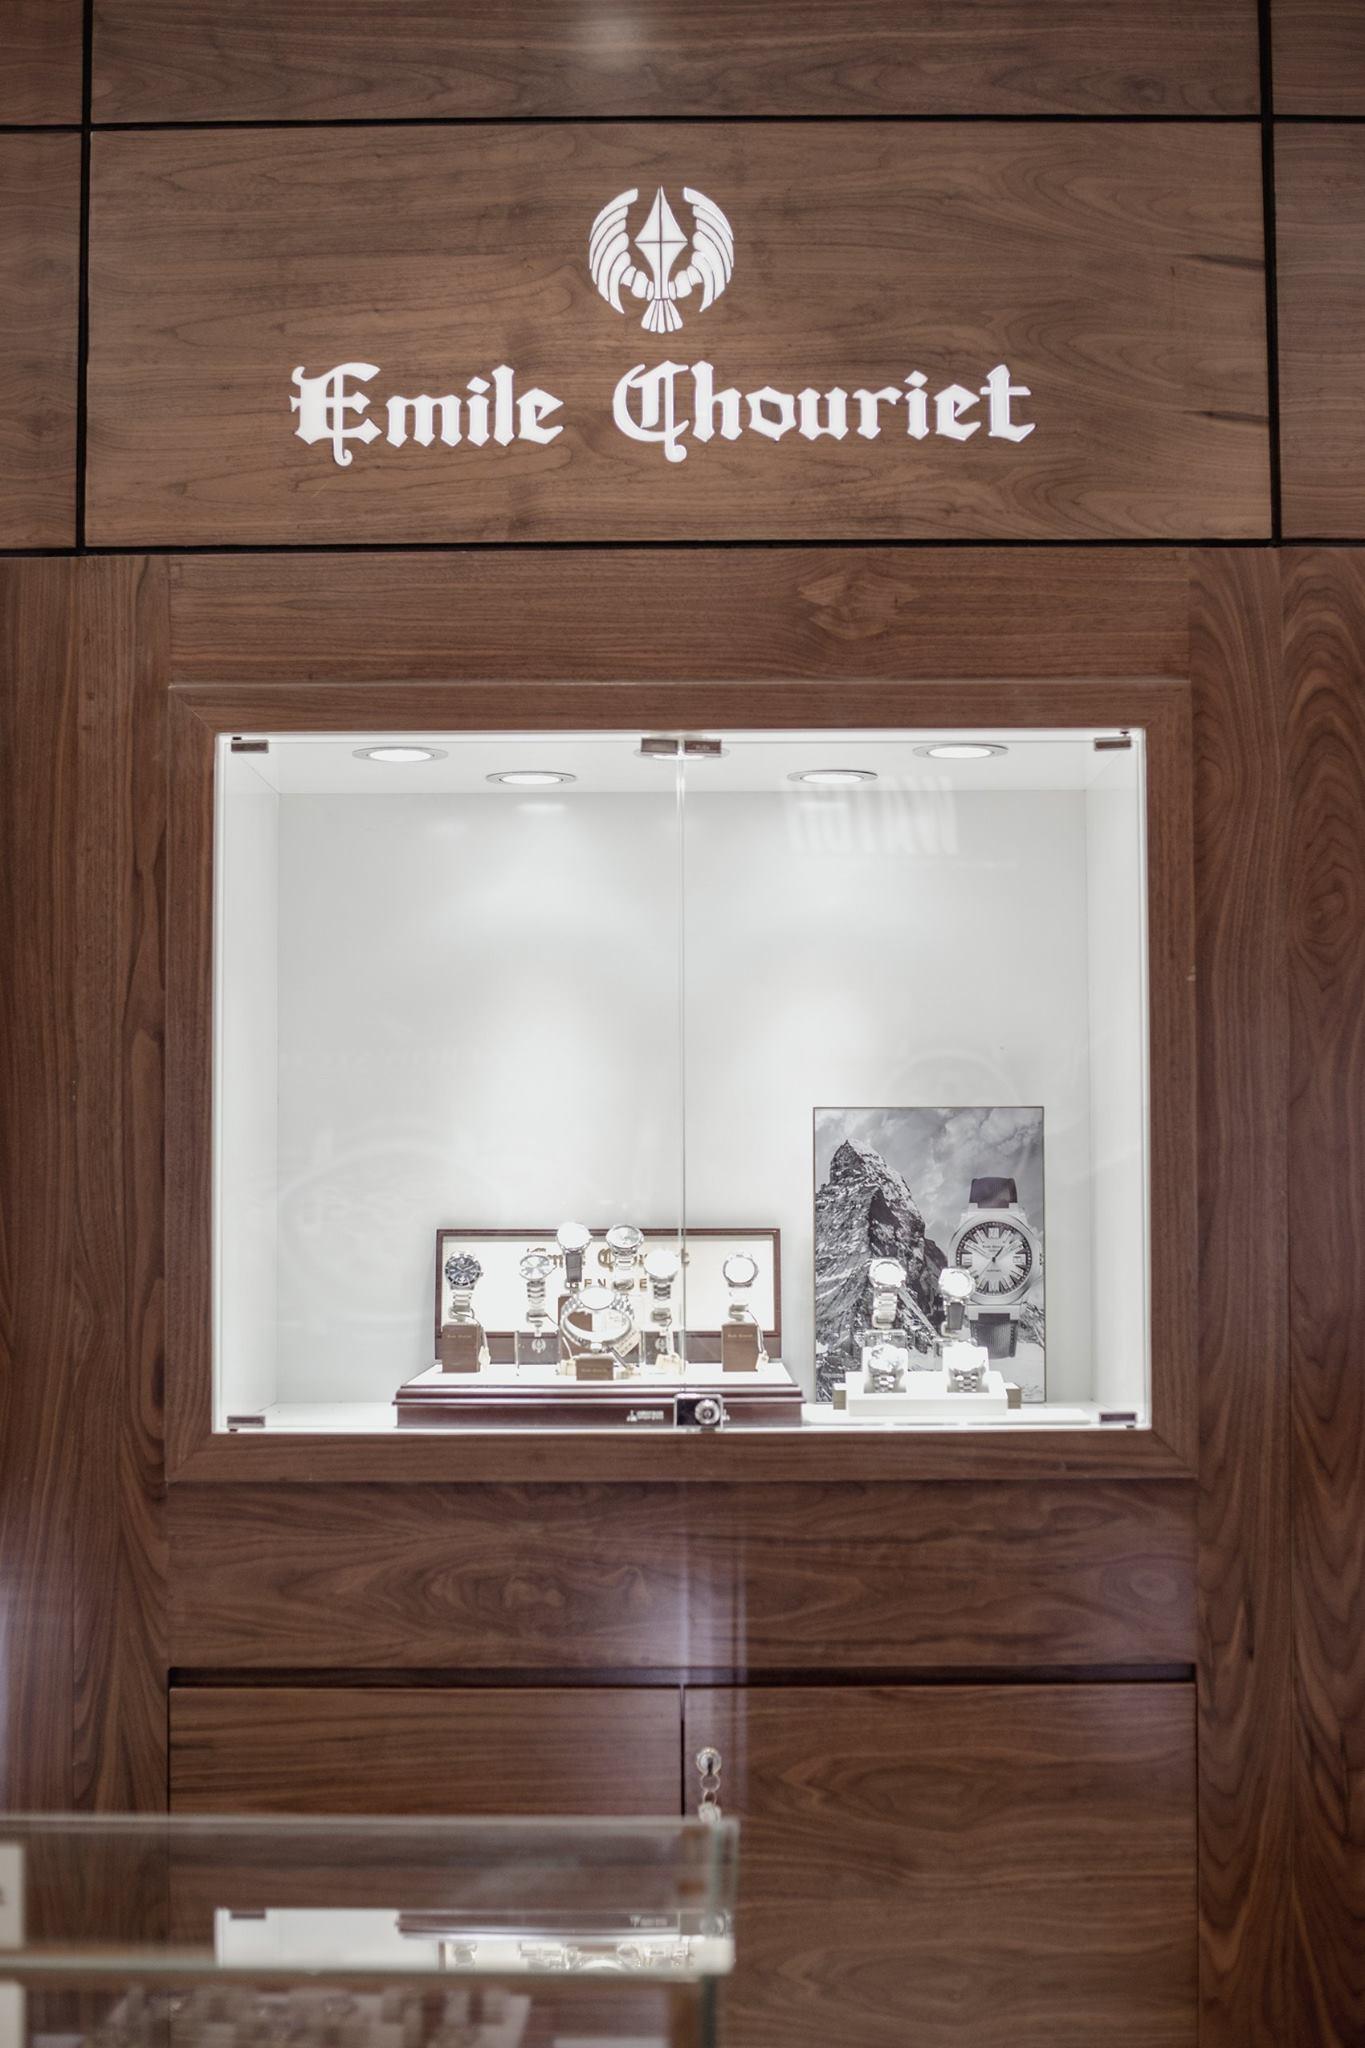 Shop đồng hồ Emile Chouriet tại 100 Thái Hà, Đống Đa Hà nội